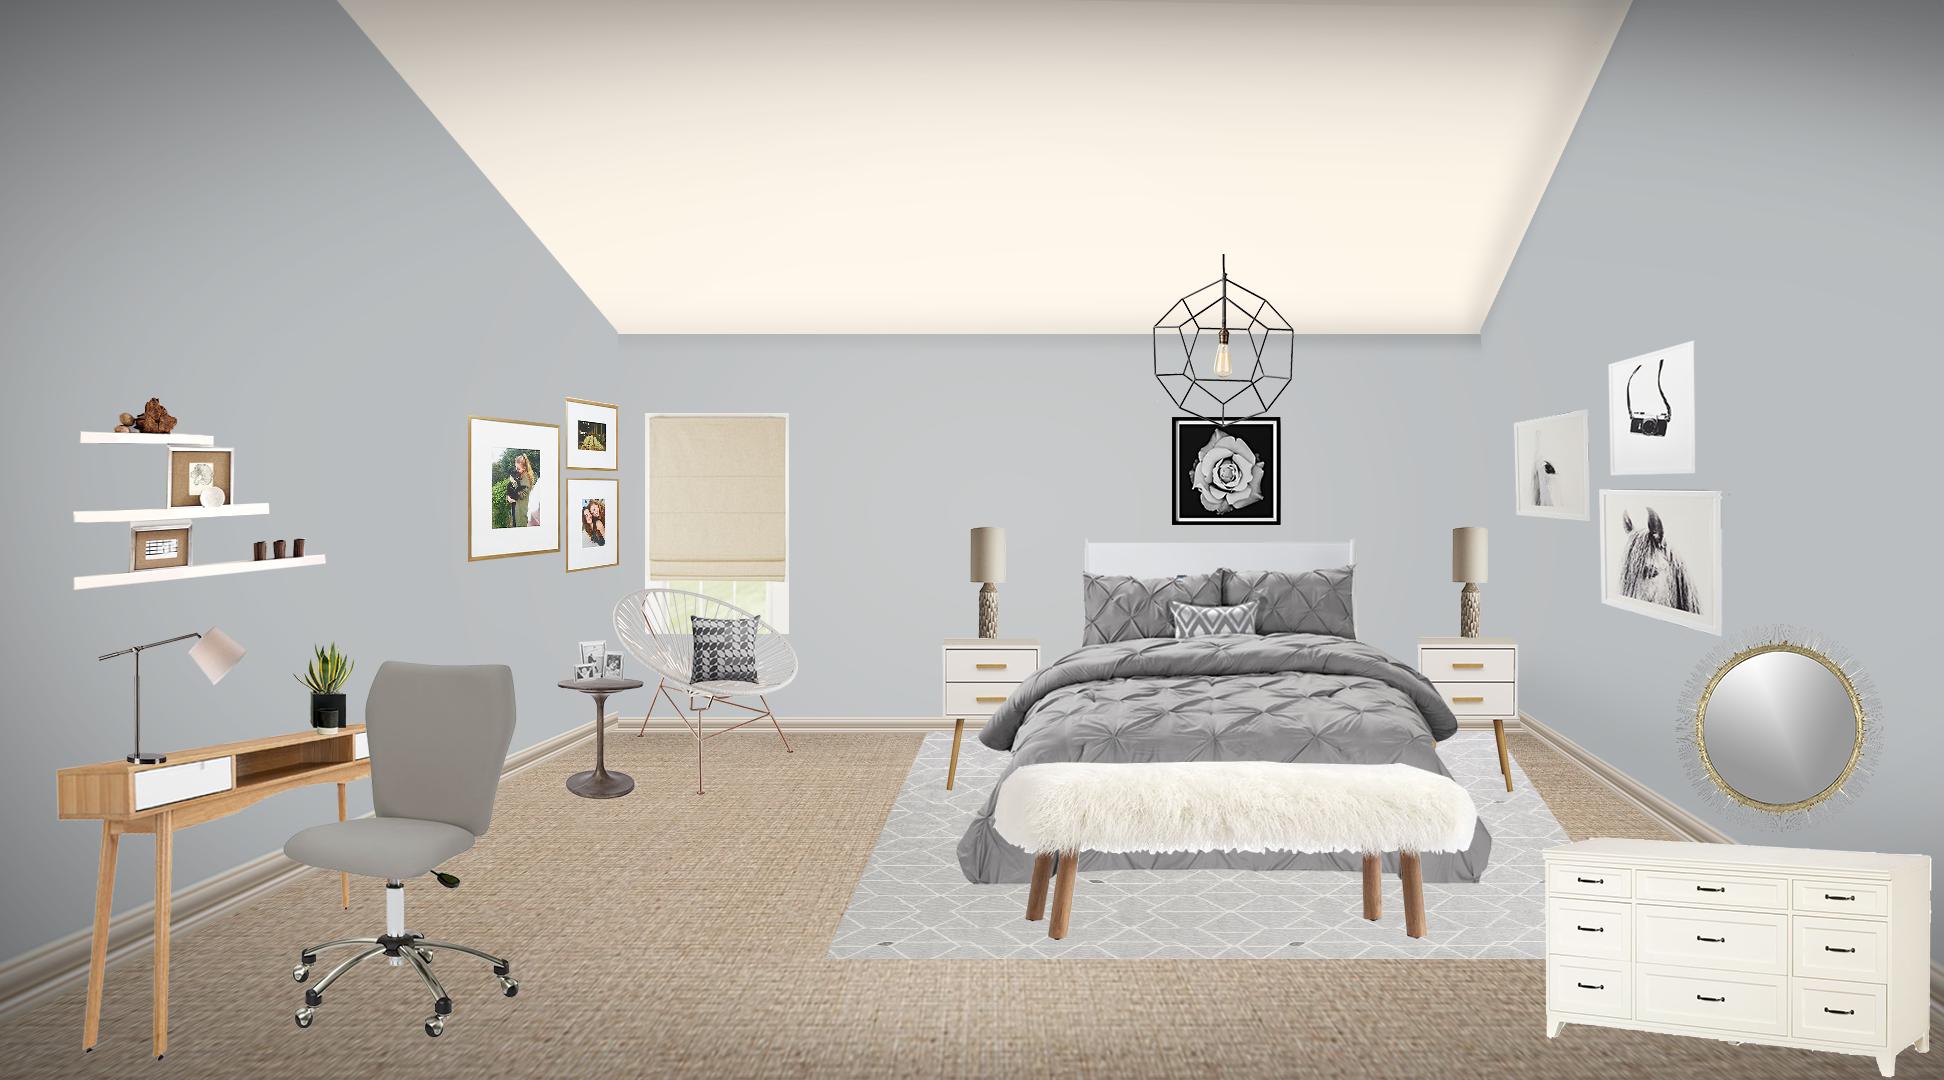 Jennifers-bedroom-Revised.png